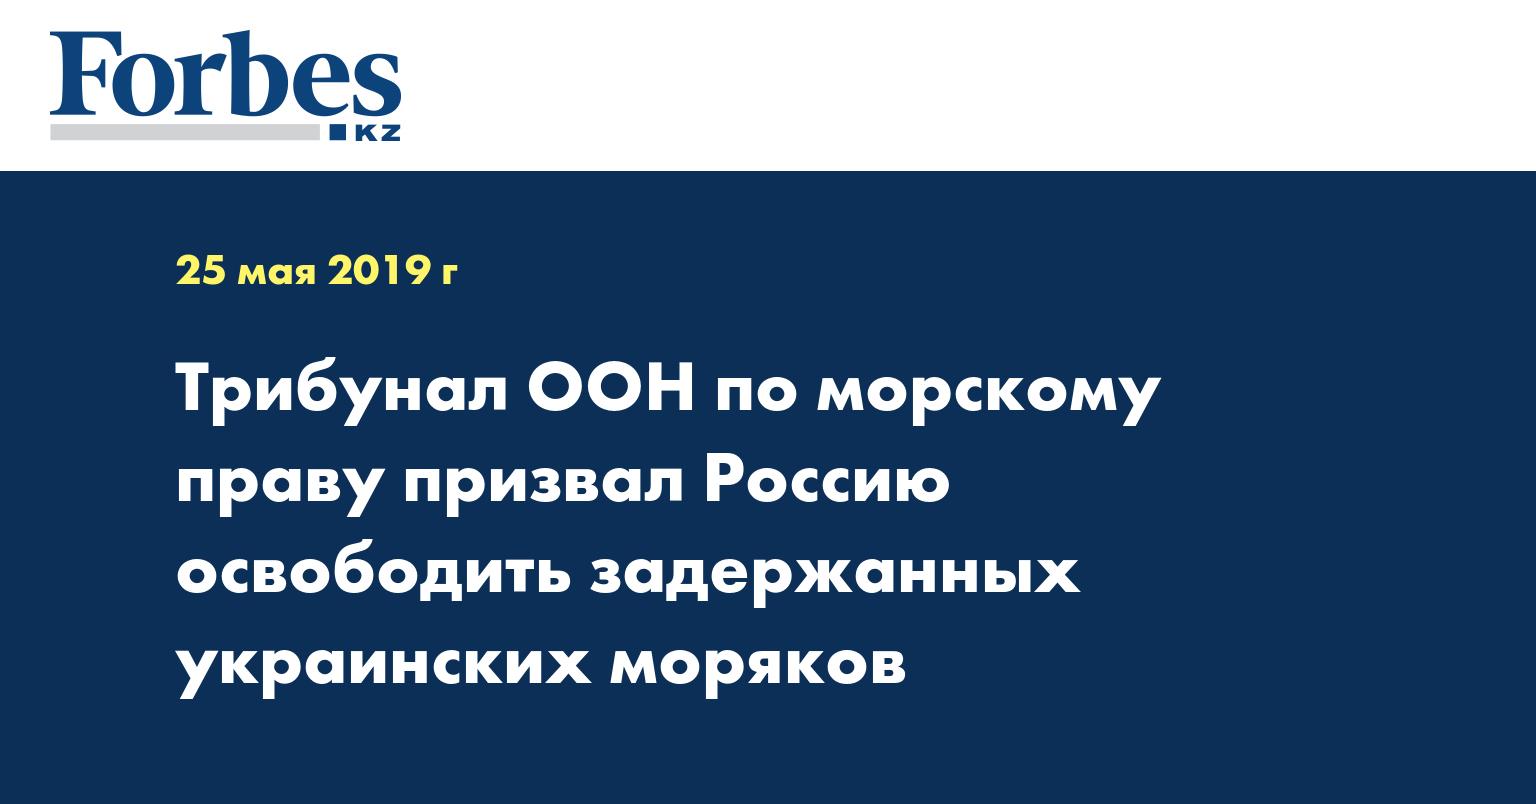 Трибунал ООН по морскому праву призвал Россию освободить задержанных украинских моряков